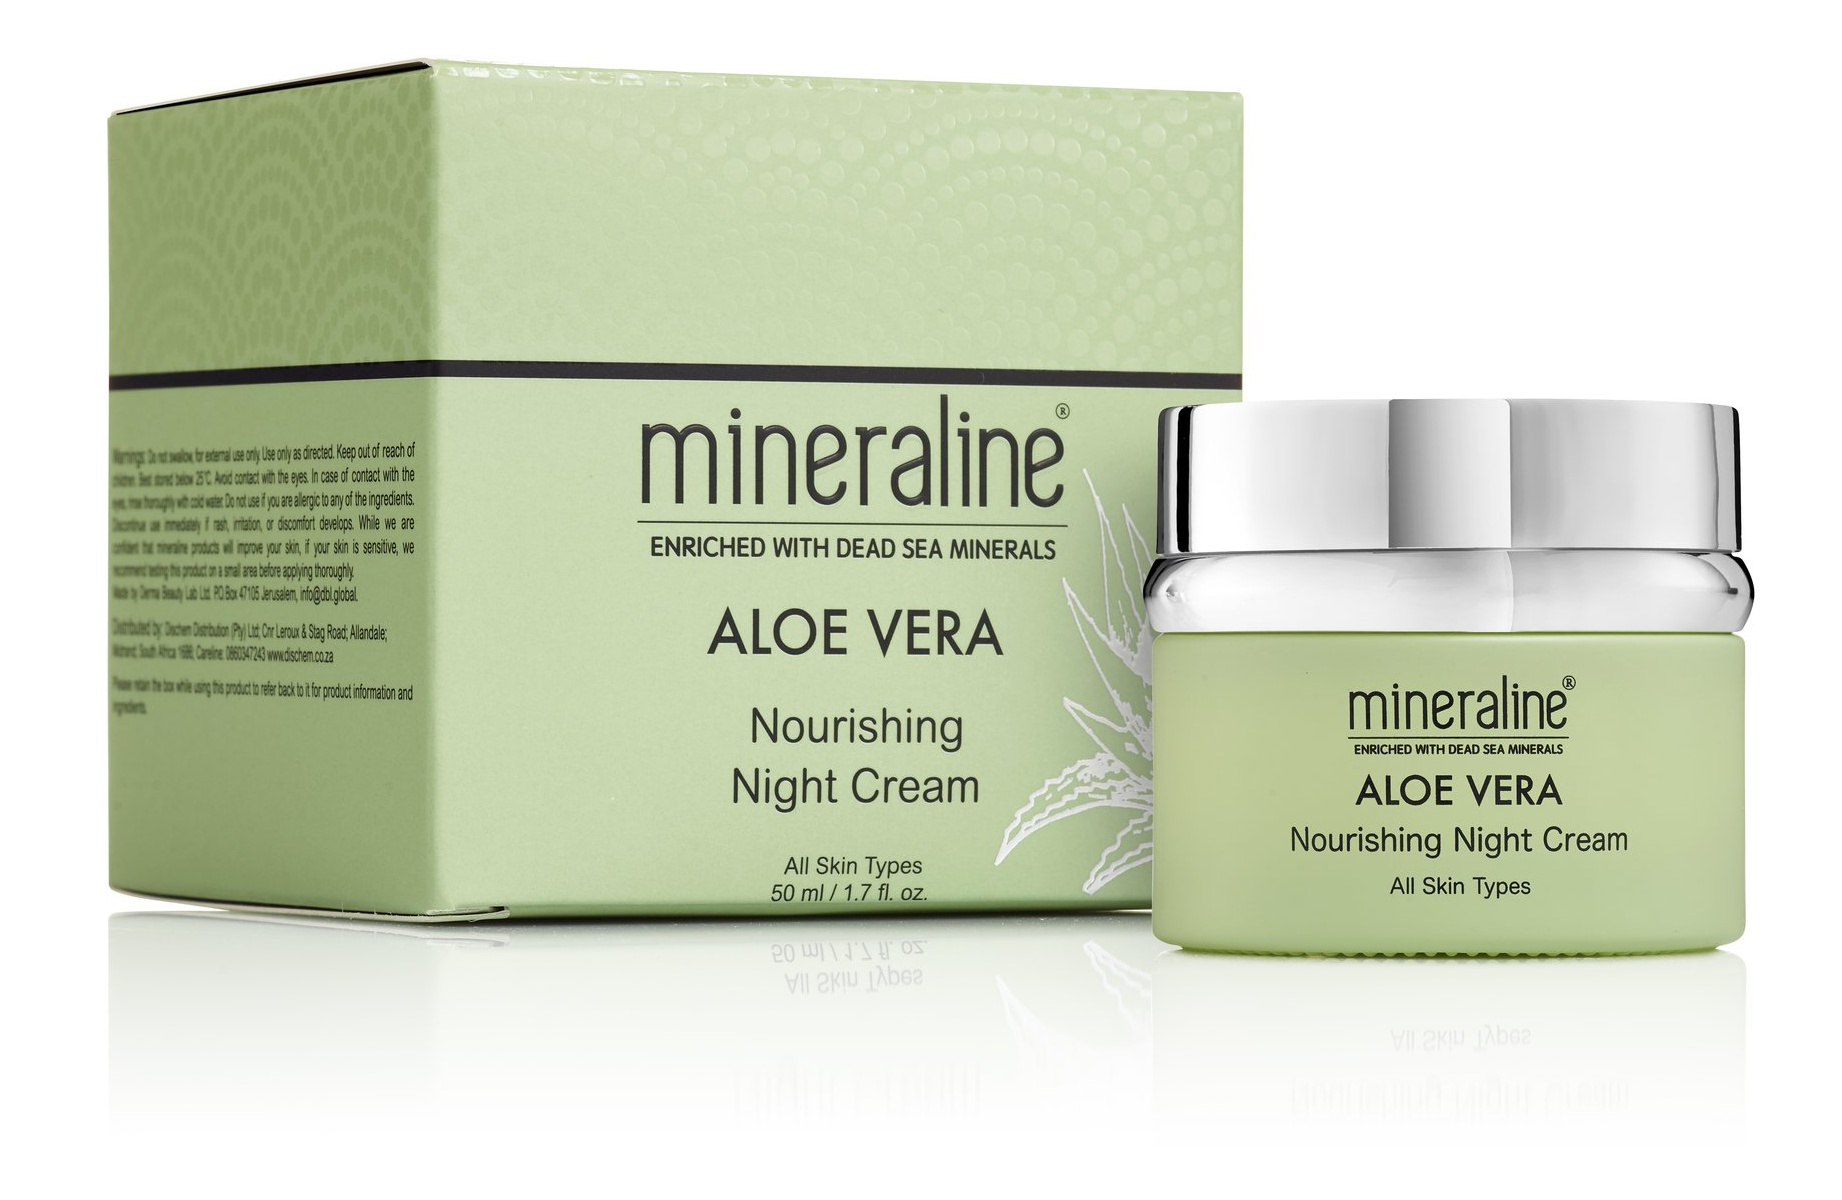 Mineraline Aloe Vera Nourishing Night Cream